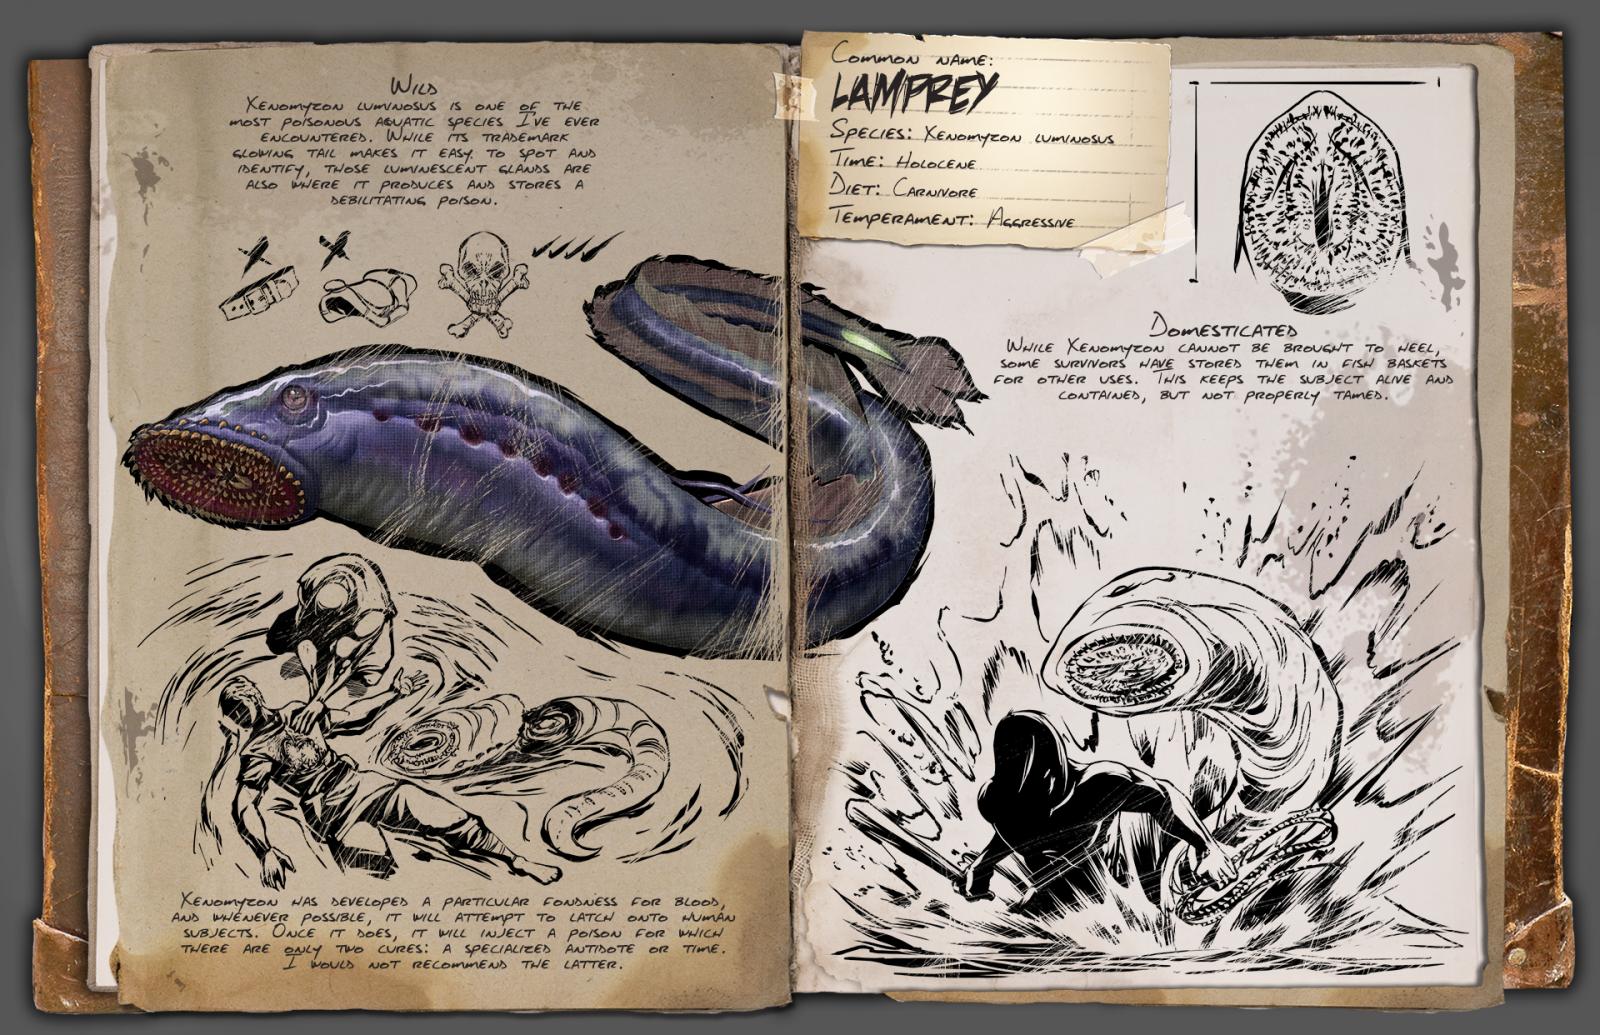 Lamprey Dossier